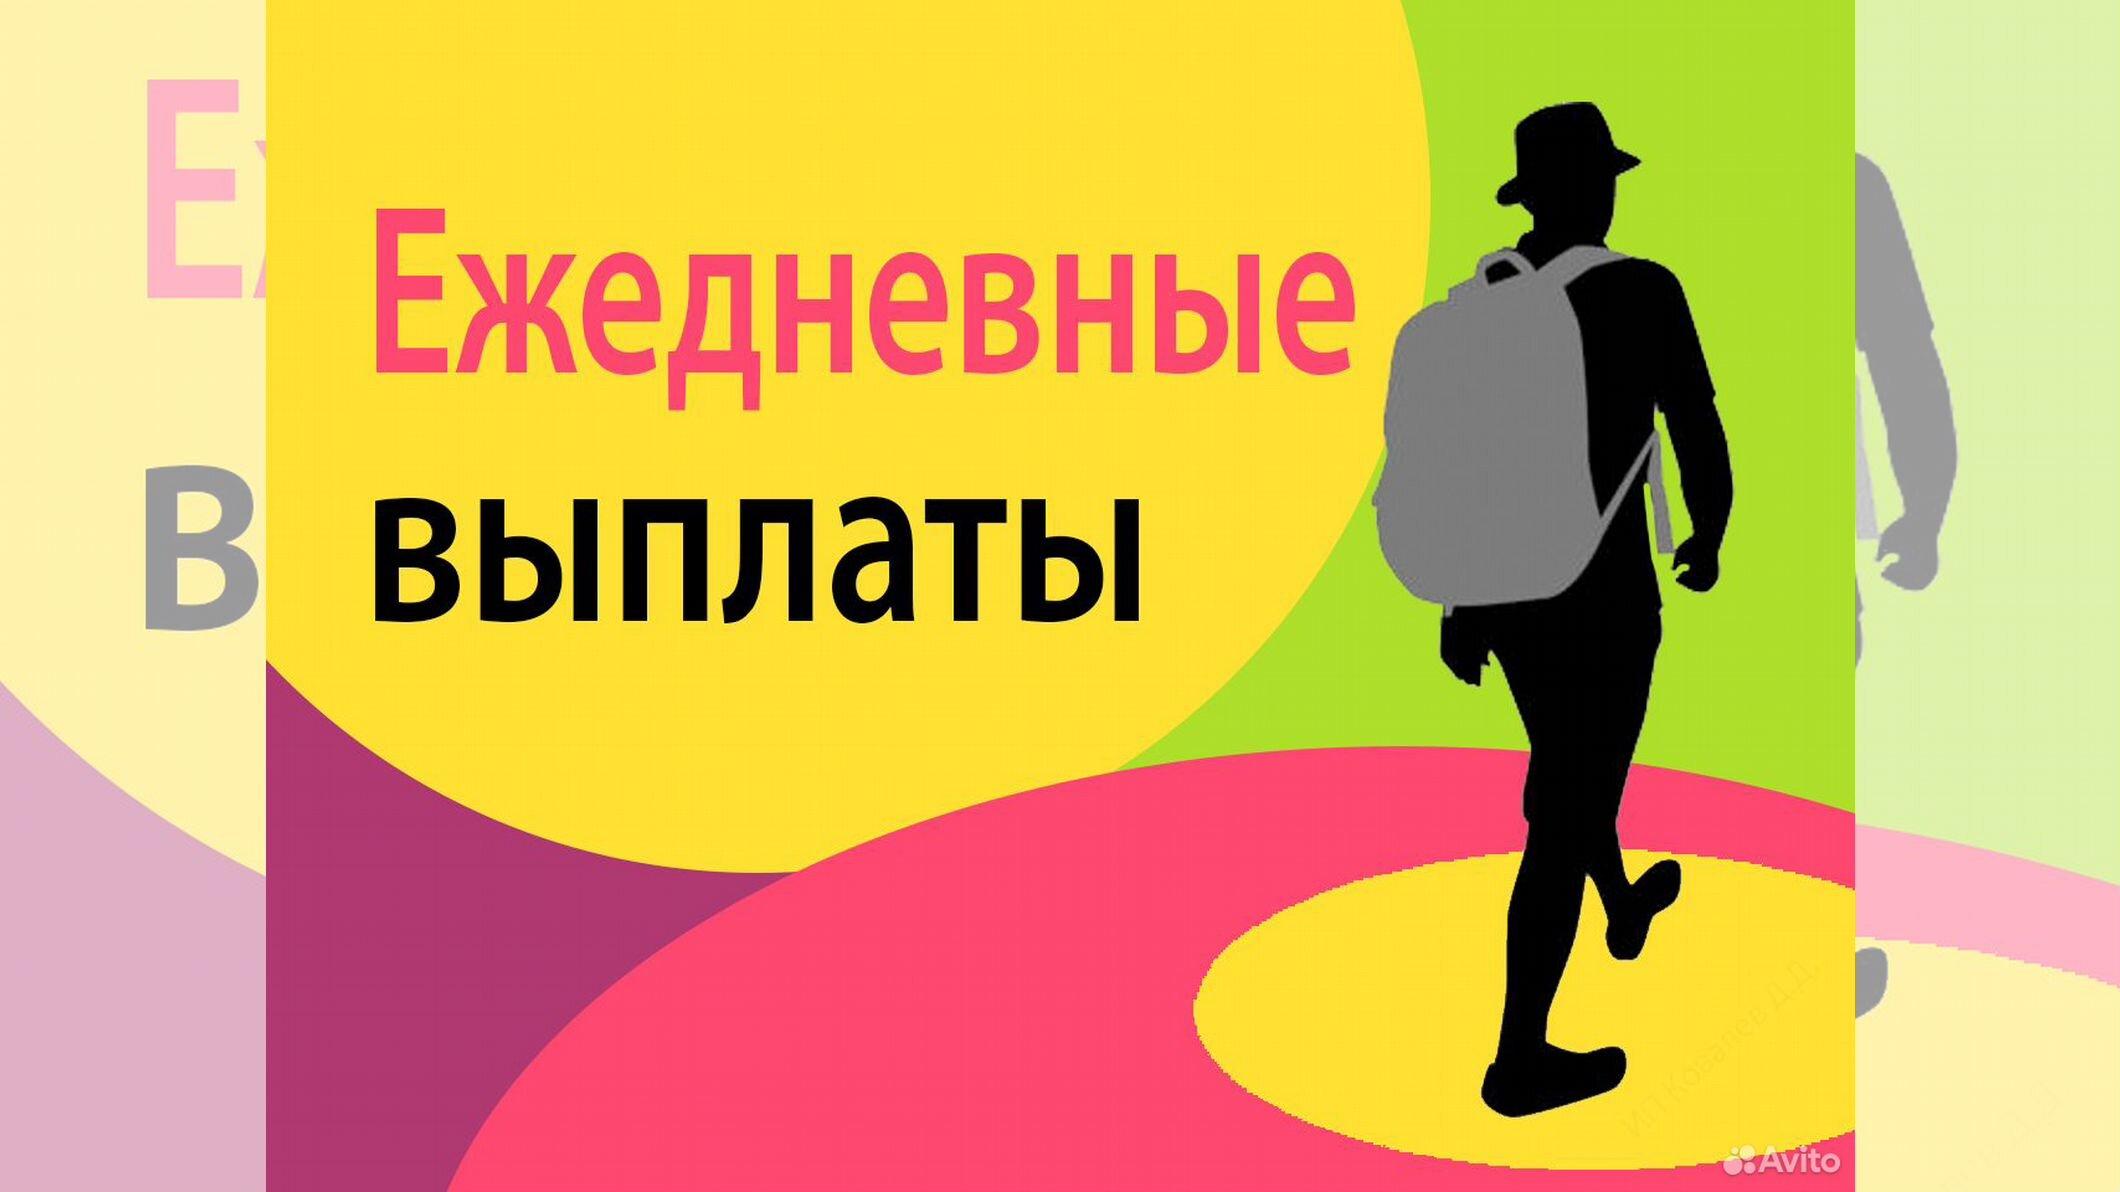 Работа без опыта в новокузнецке для девушек девушки модели в козельск